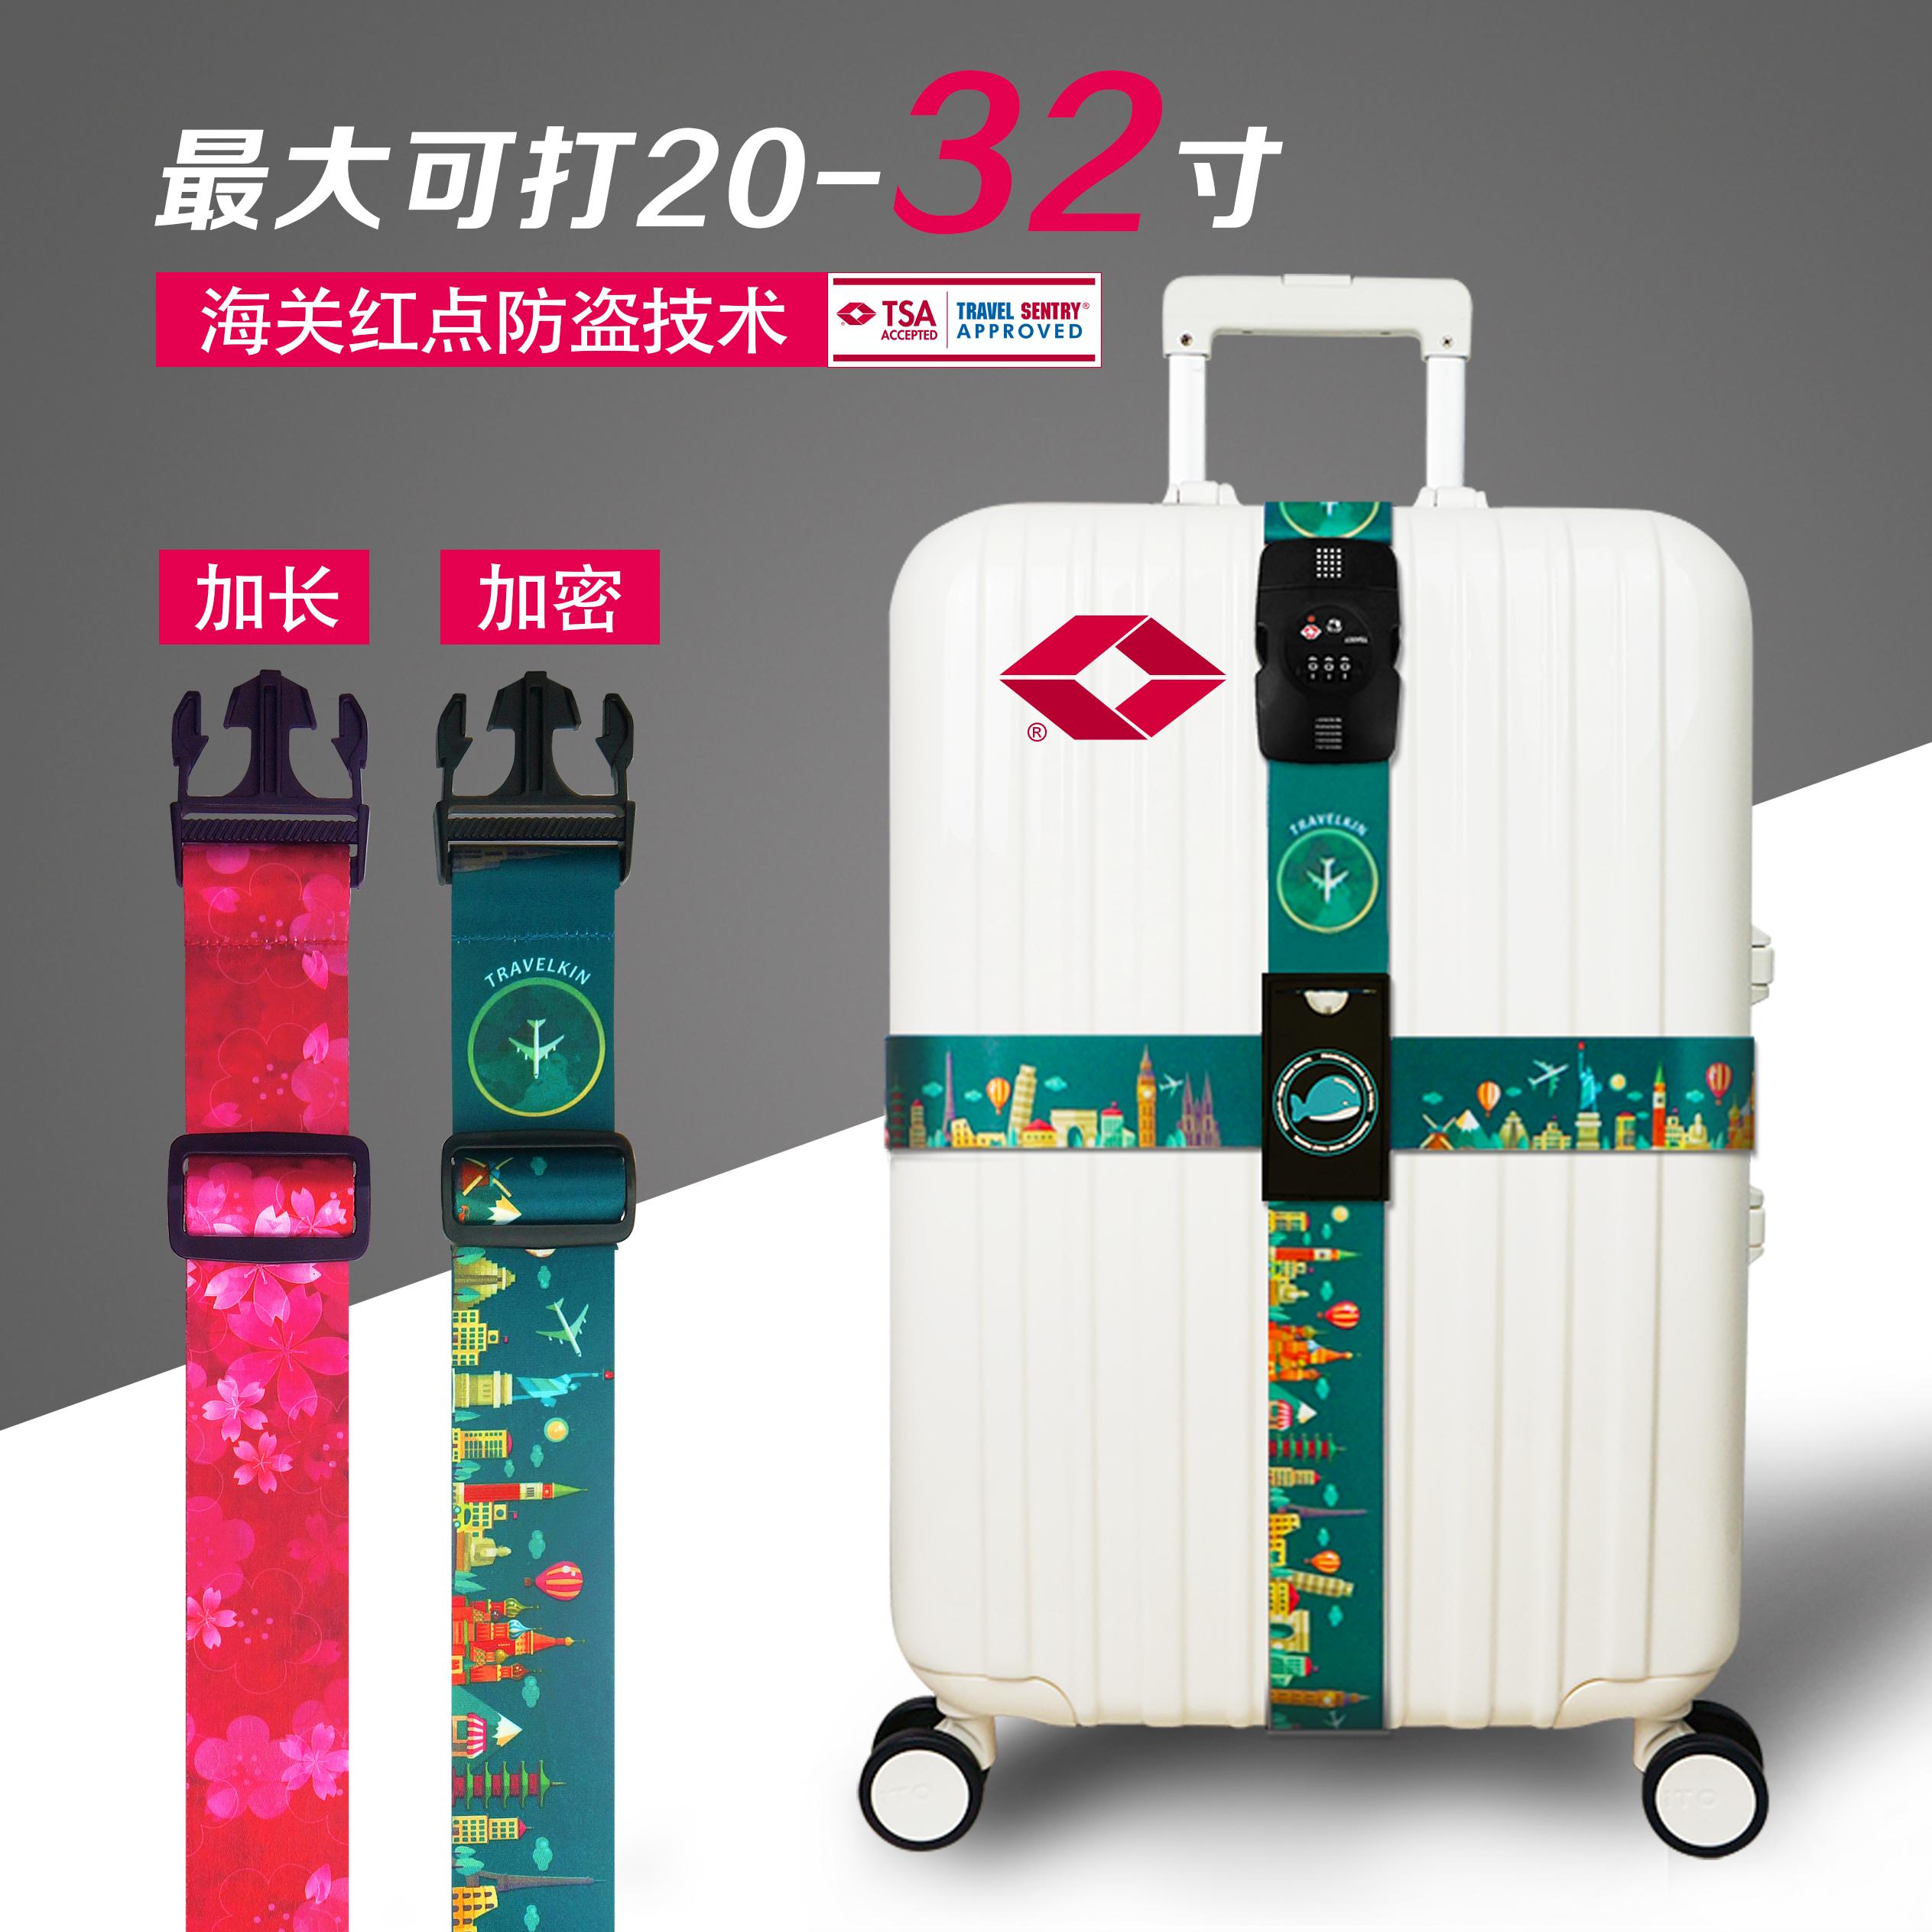 Багажник порка чемодан слово крест багаж группа TSA пароль замок упаковочные ленты род коробки пакет коробка группа